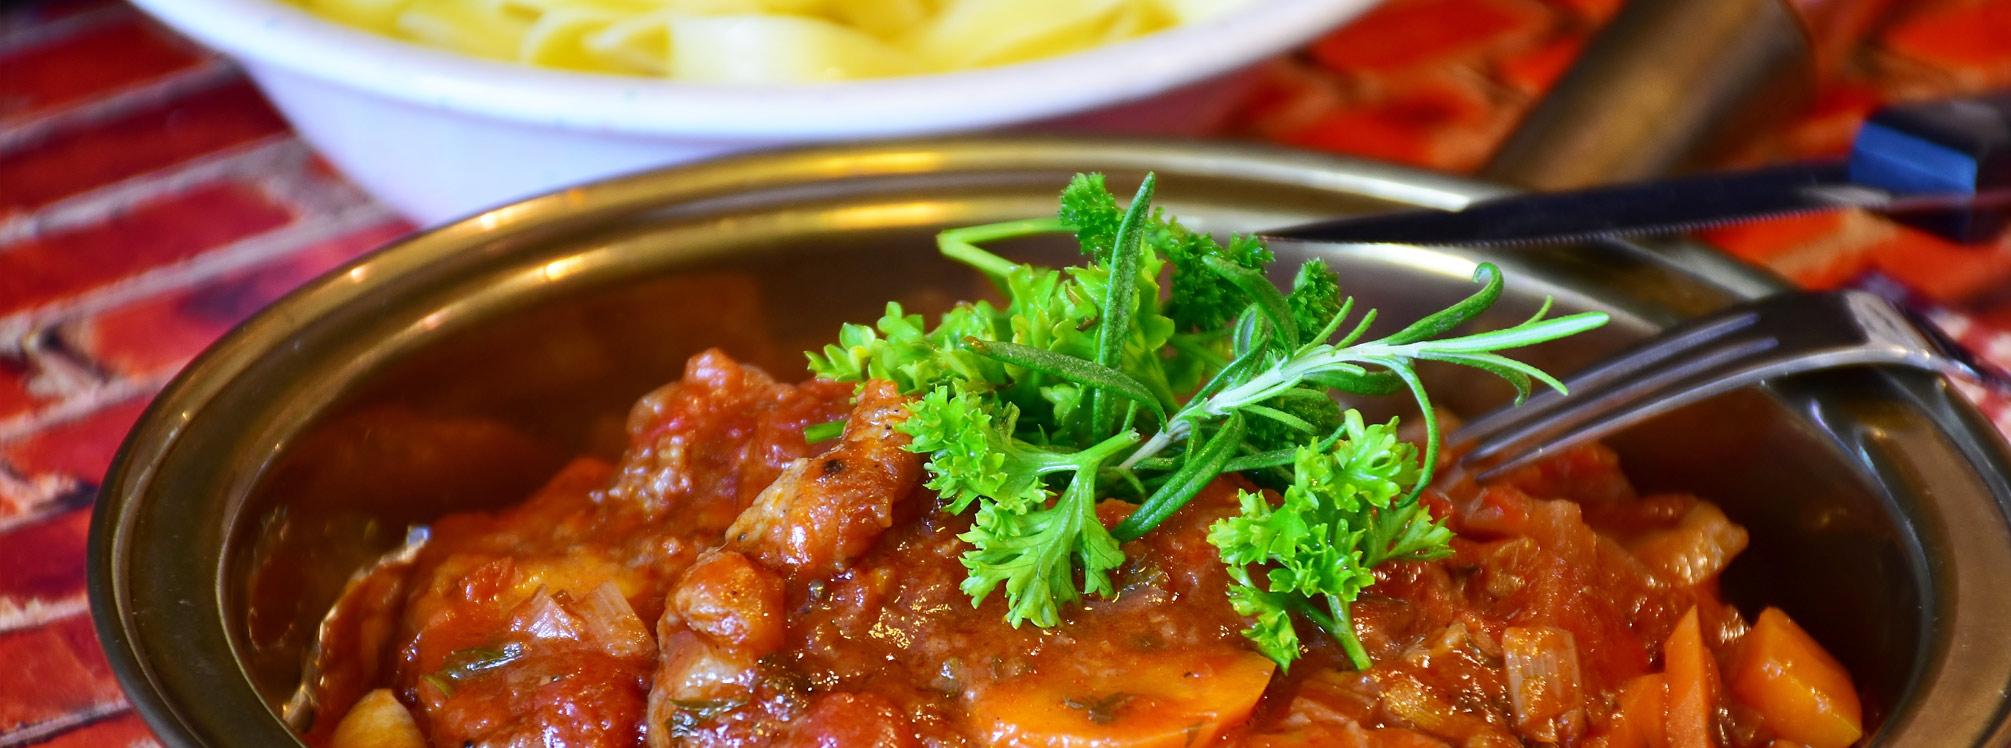 Plats cuisinés et spécialités de la SAS Tardieu